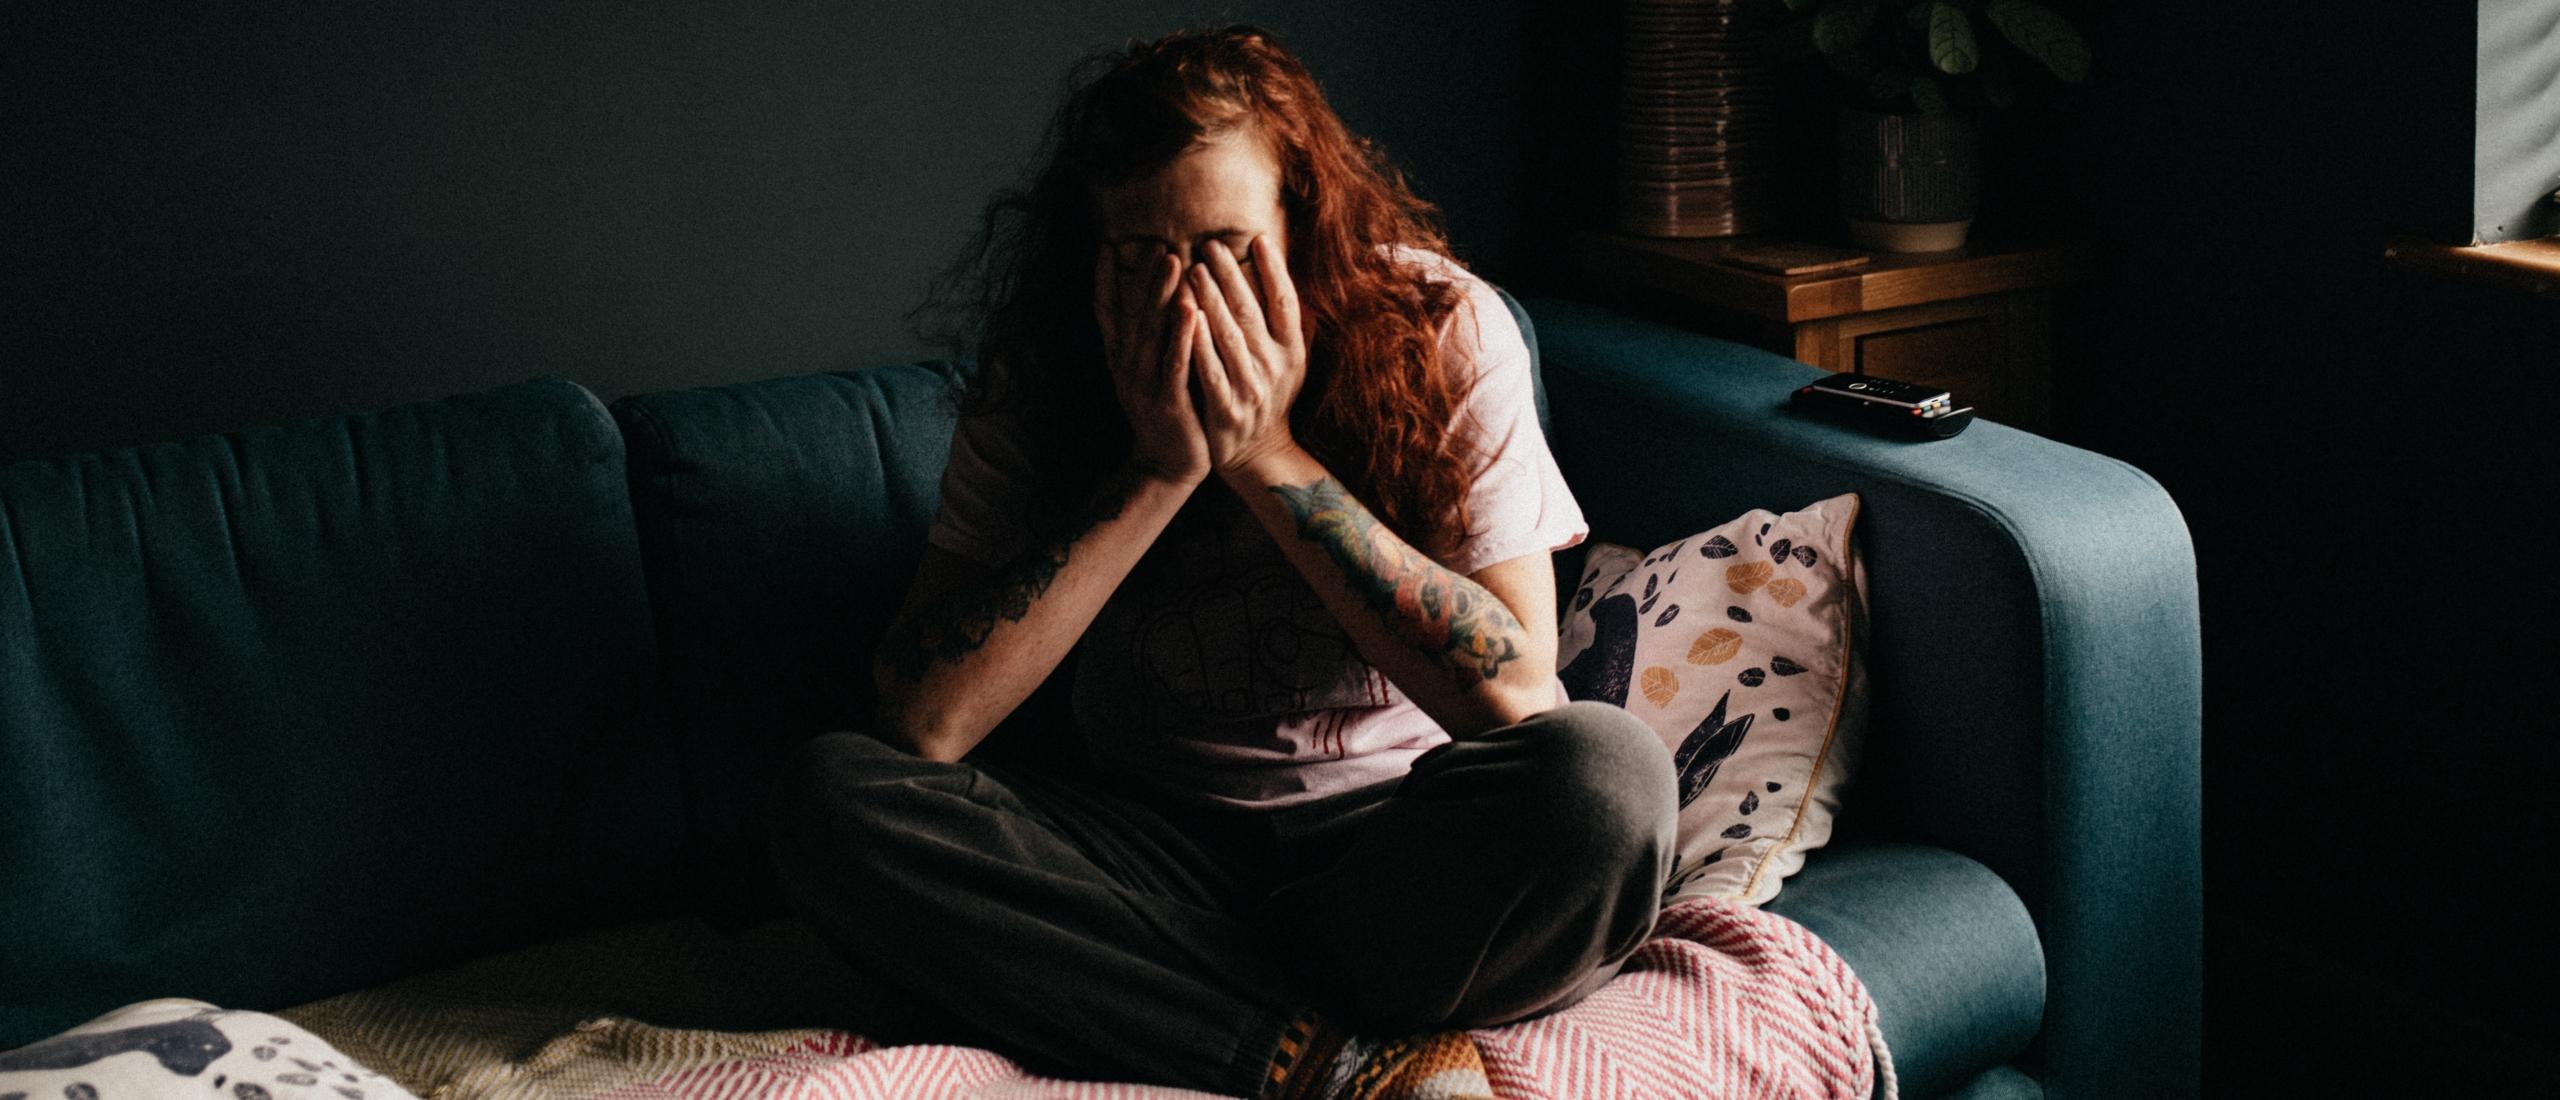 Somber of depressief....